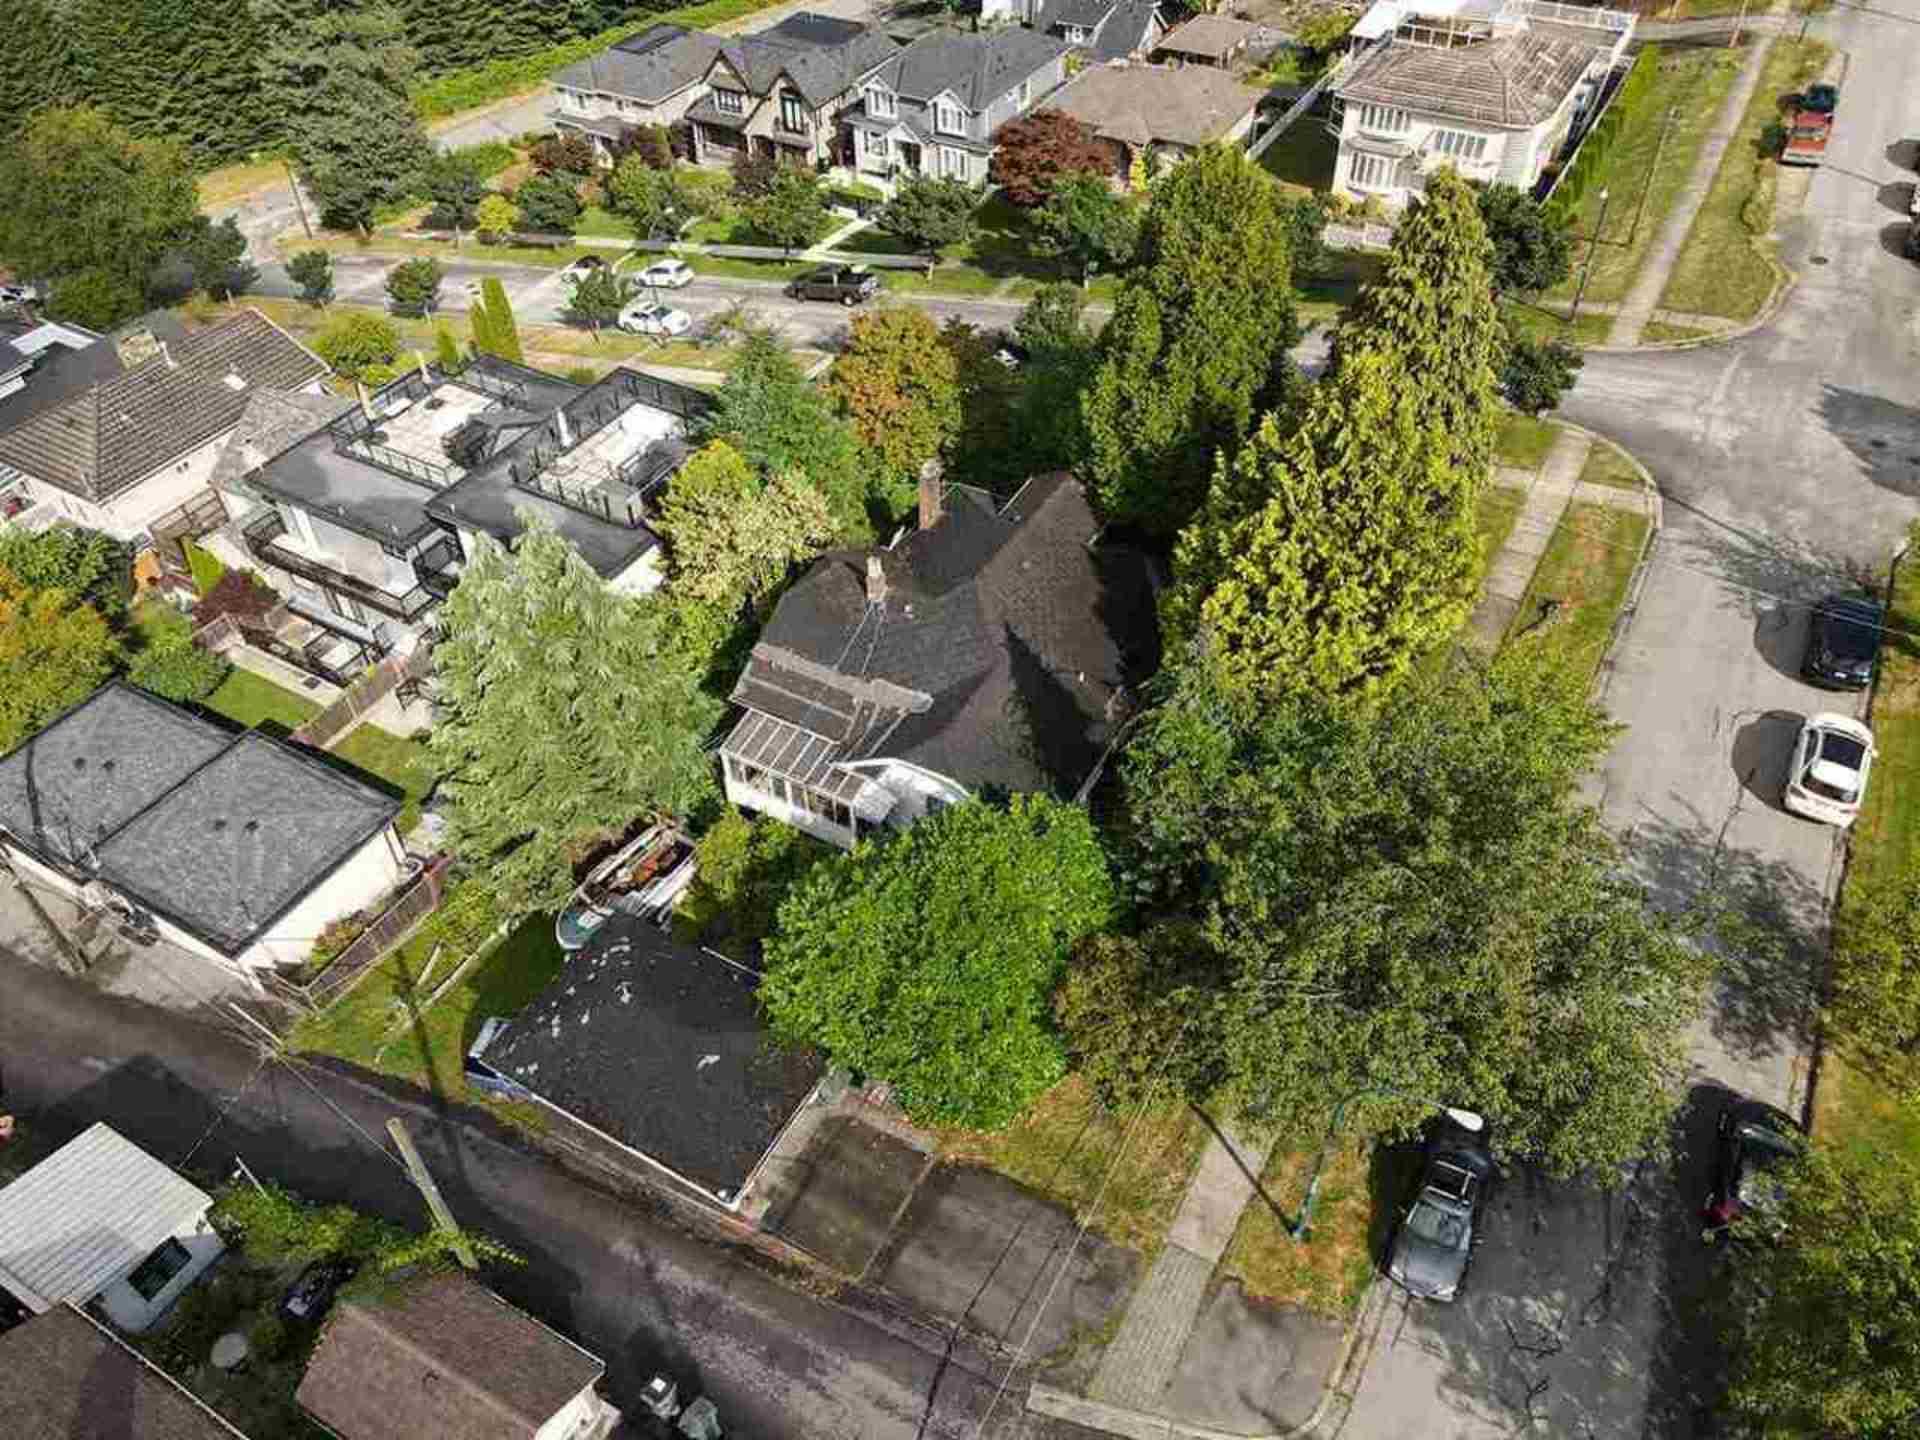 375-n-kootenay-street-hastings-vancouver-east-11 at 375 N Kootenay Street, Hastings, Vancouver East